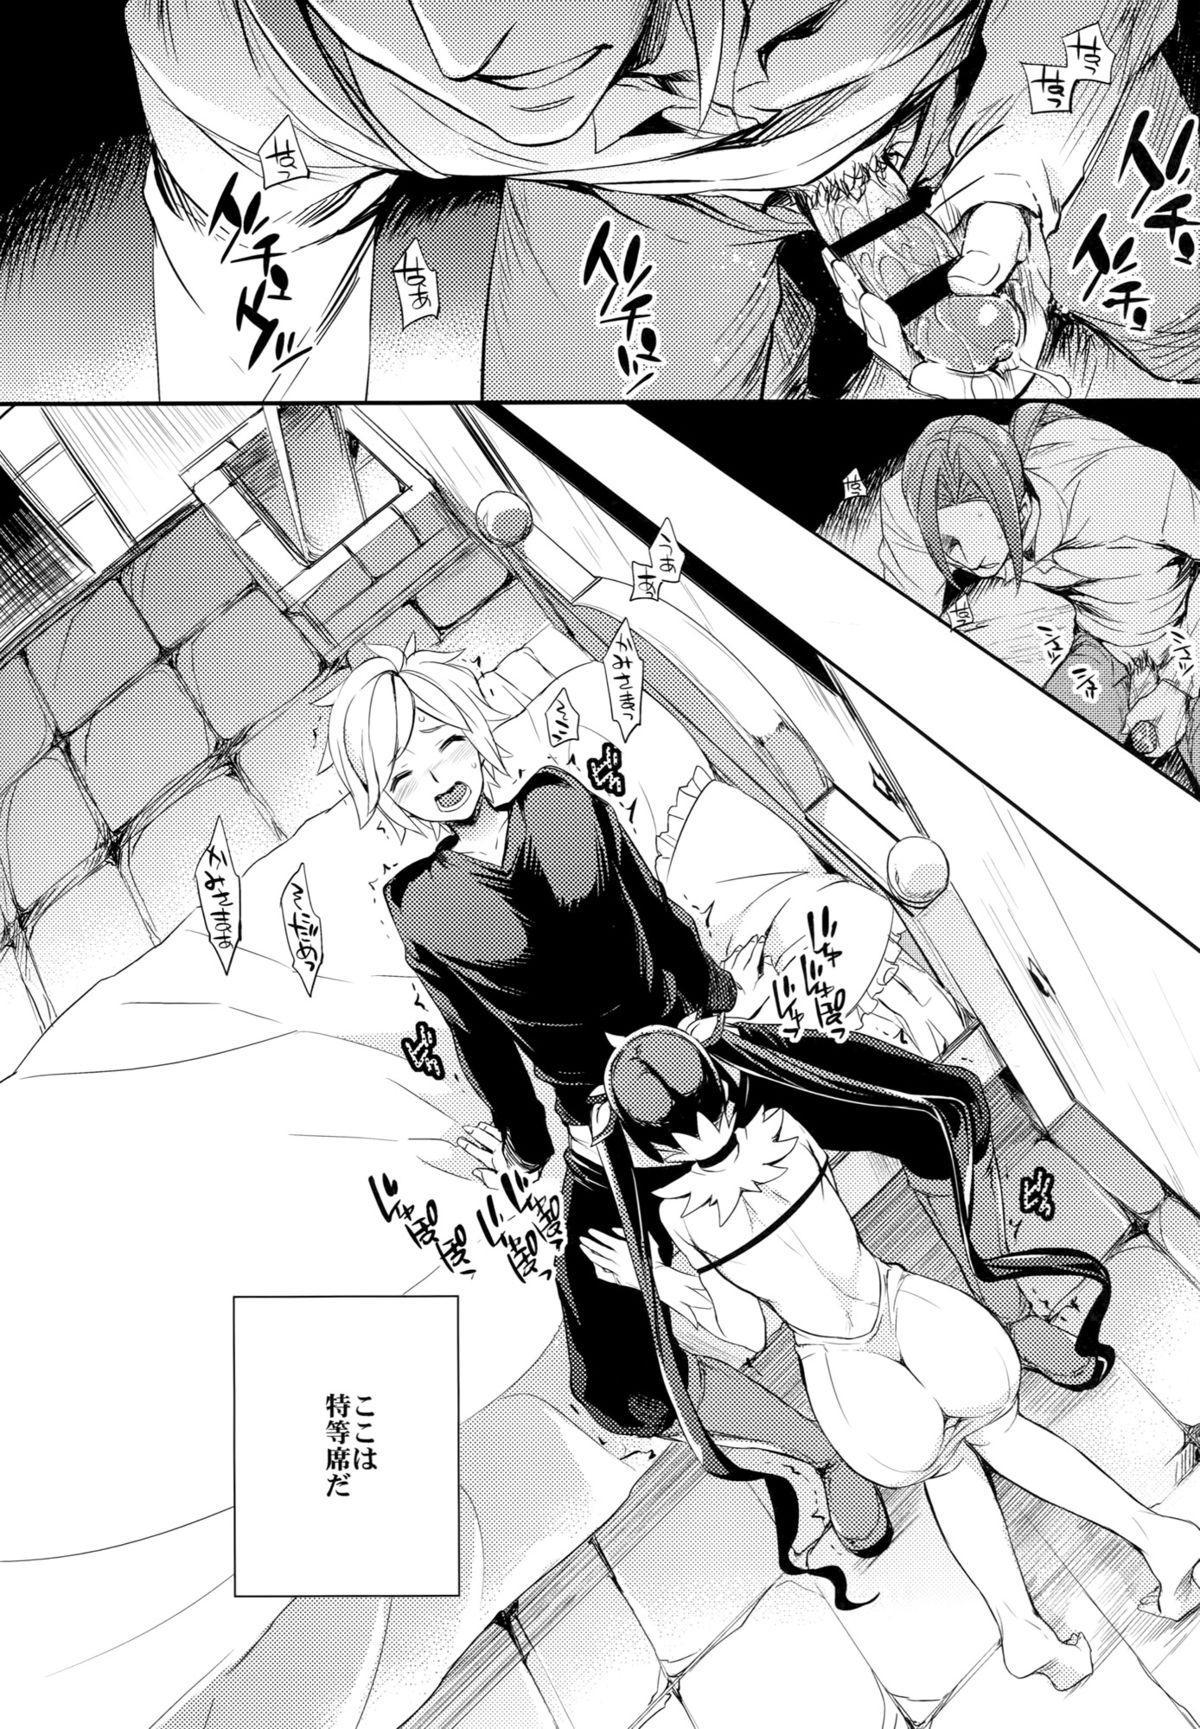 (COMIC1☆9) [Crazy9 (Ichitaka)] C9-19 Kami-sama to Suiminkan (Dungeon ni Deai o Motomeru no wa Machigatteiru Darou ka) 4